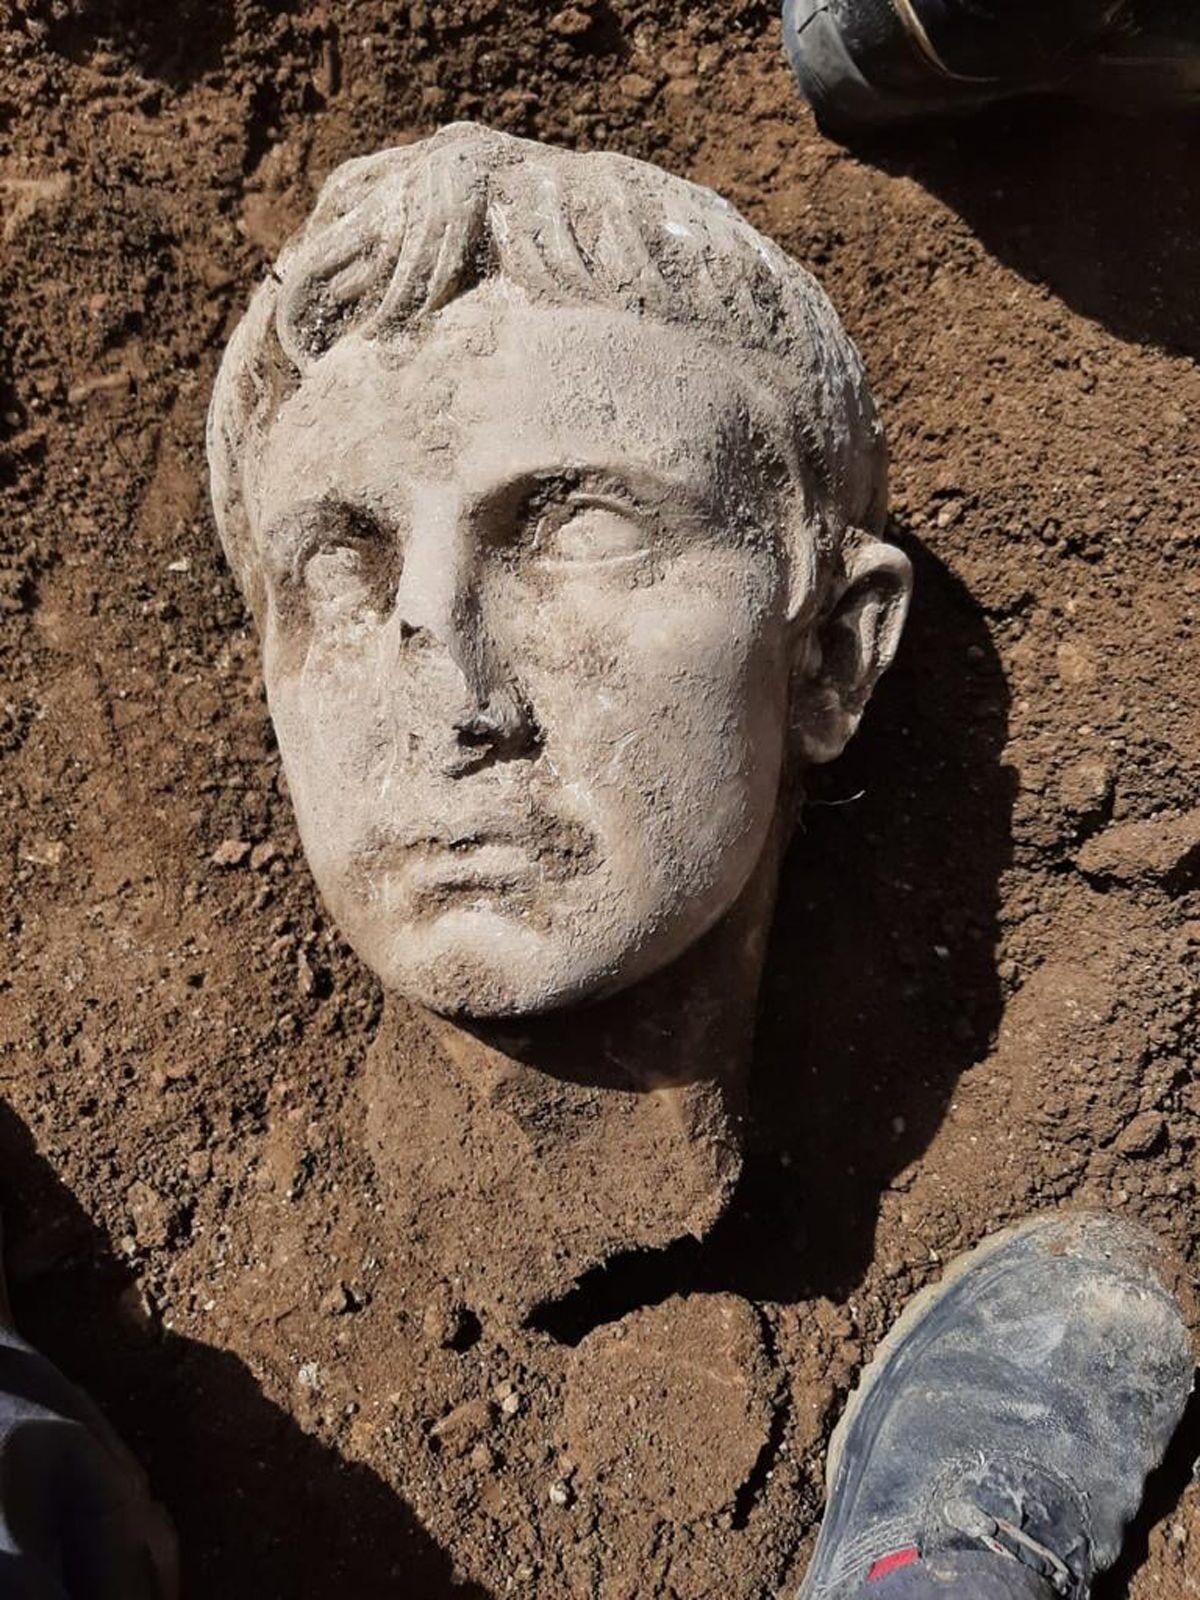 Cabeça de Augusto, primeiro imperador romano, descoberta durante a reforma das muralhas da cidade histórica de Isernia